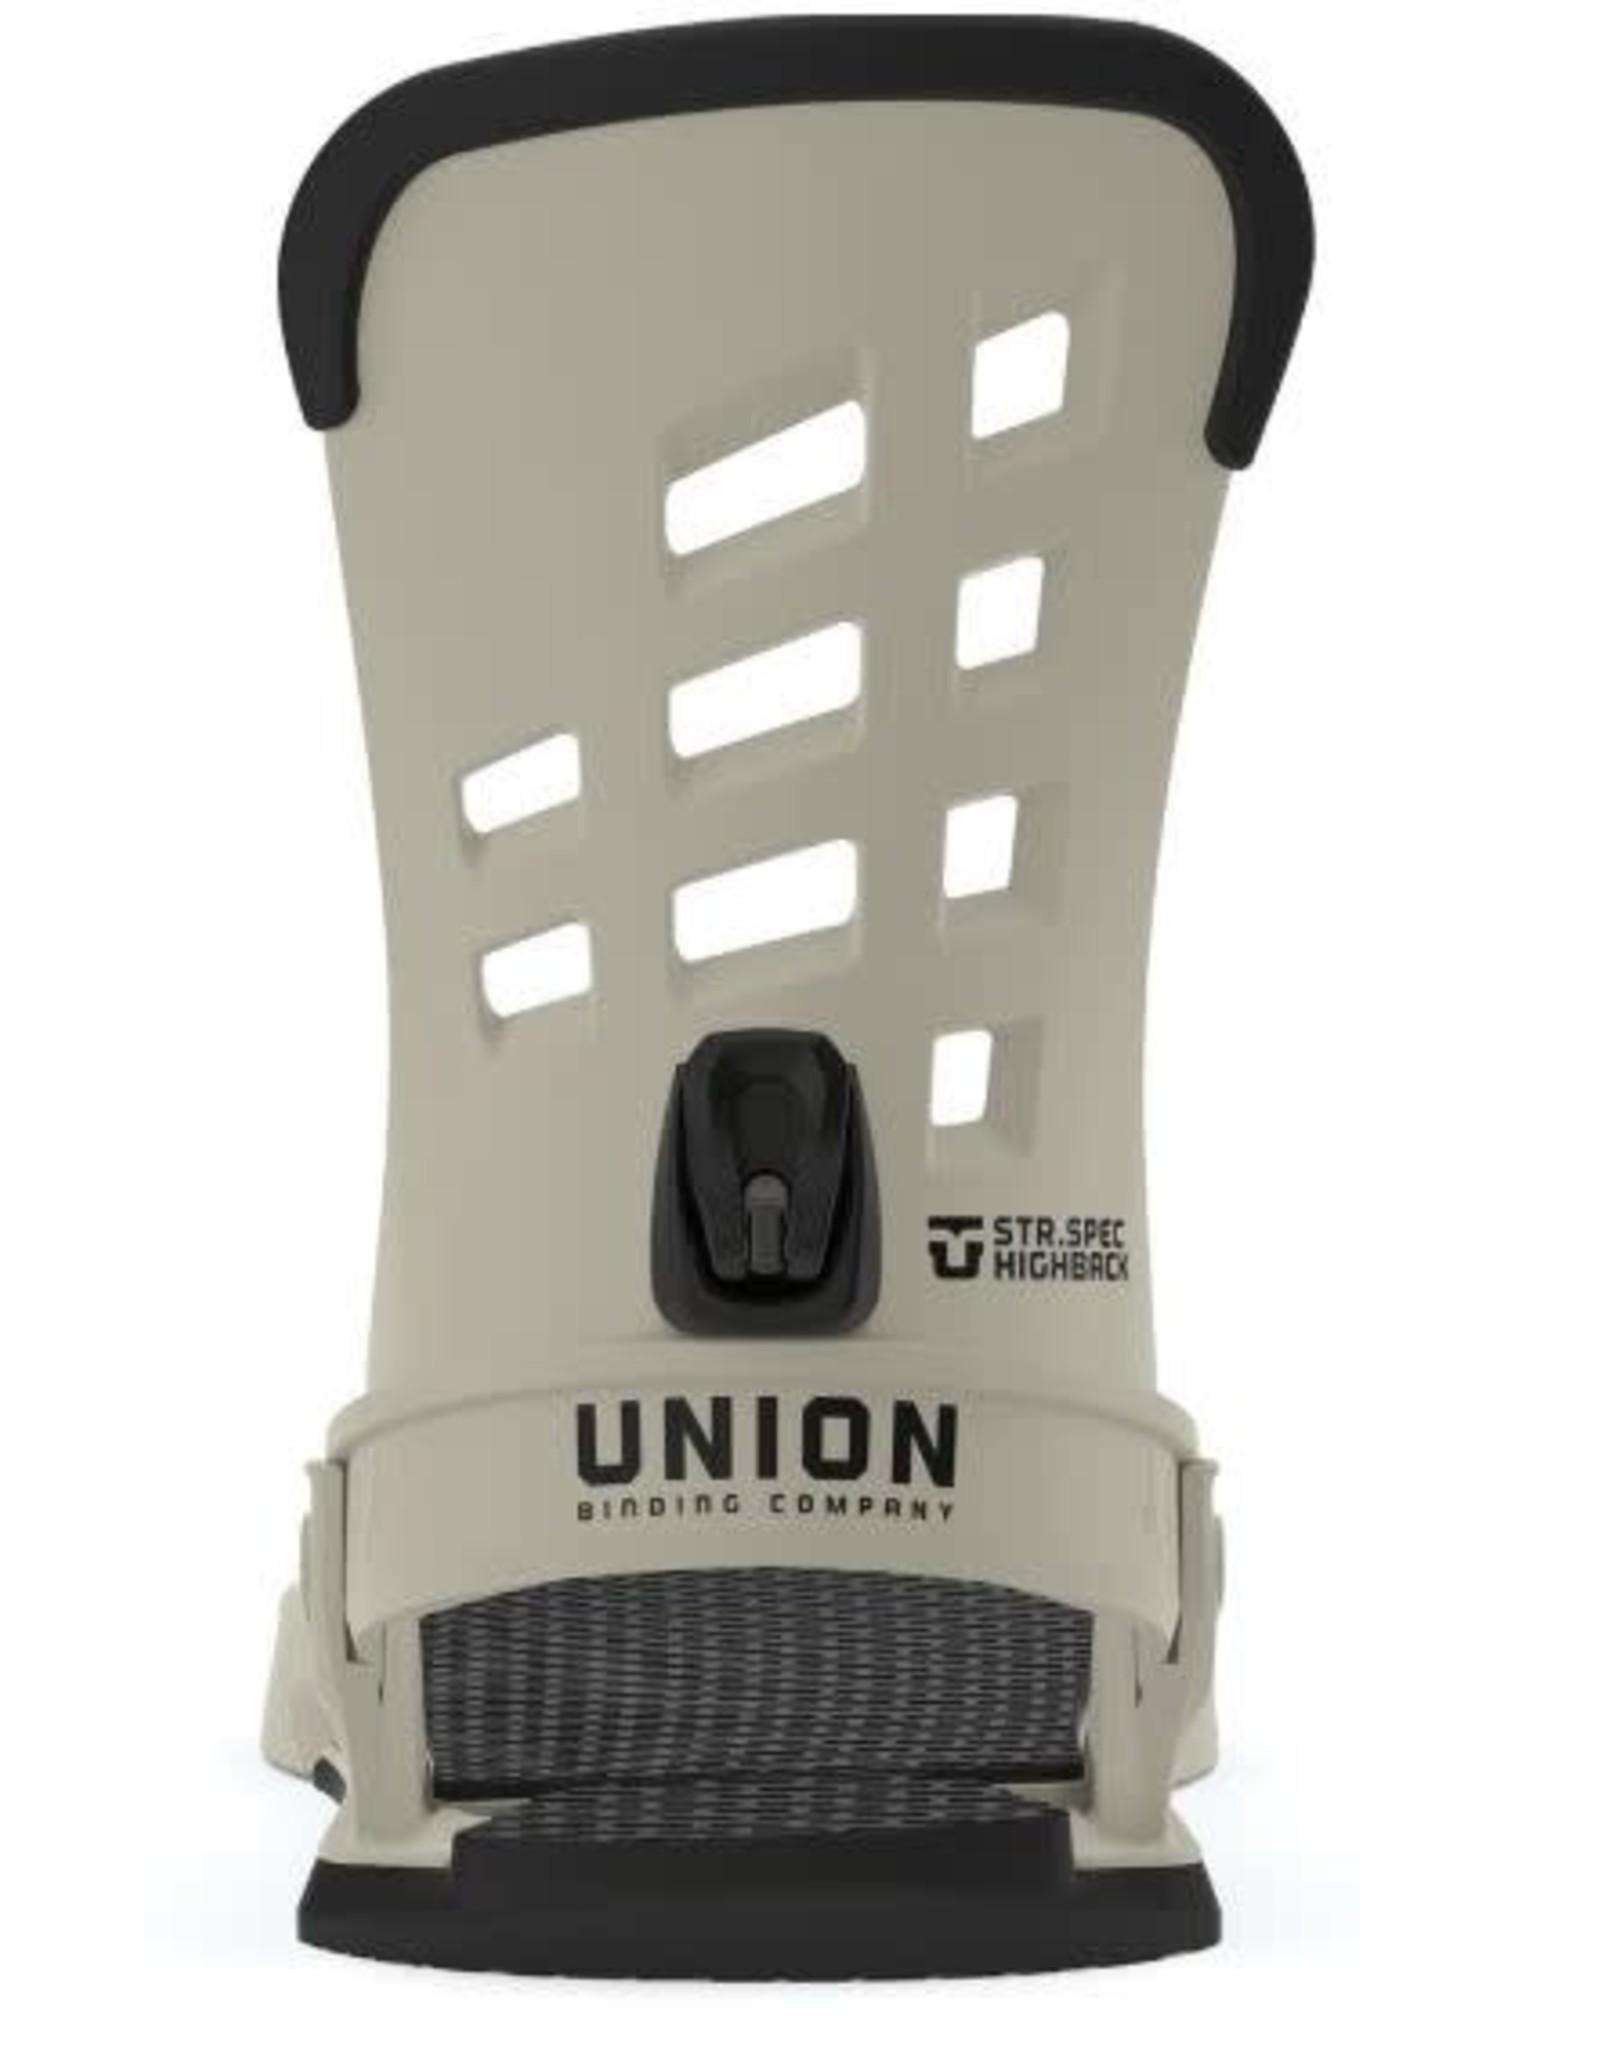 union Union - fixation STR